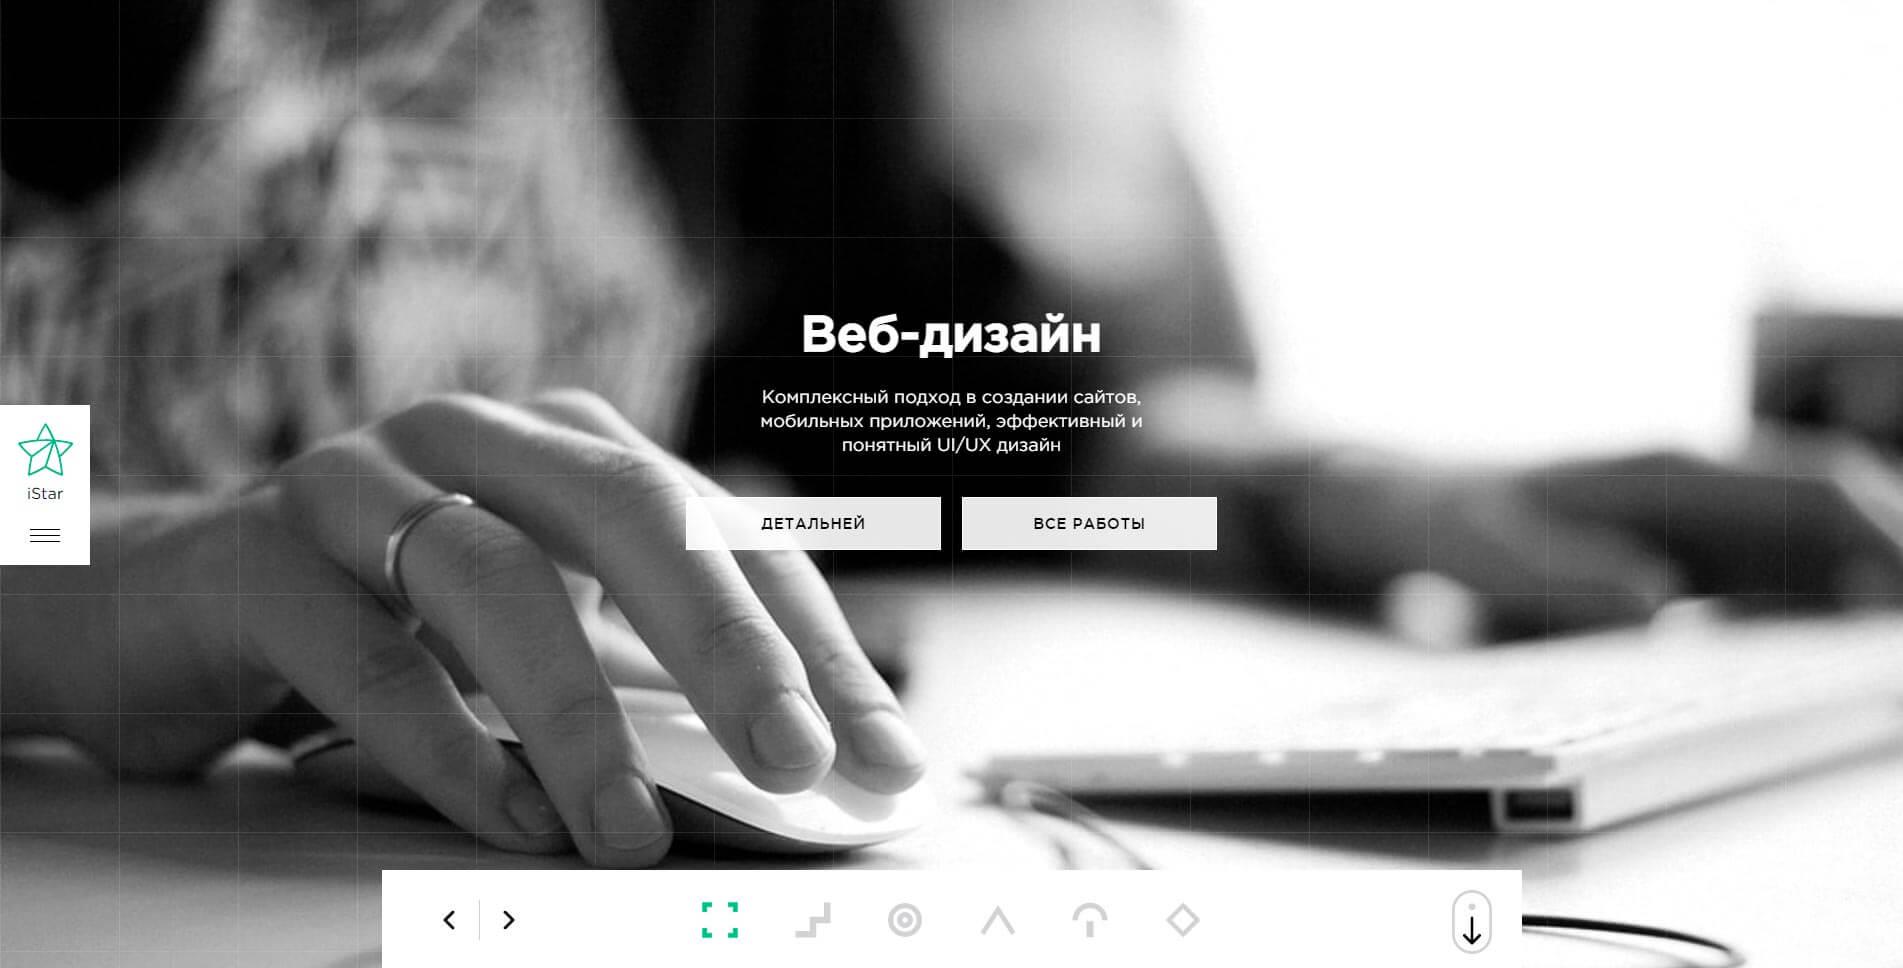 iStar Design - обзор компании, услуги, отзывы, клиенты, Фото № 1 - google-seo.pro